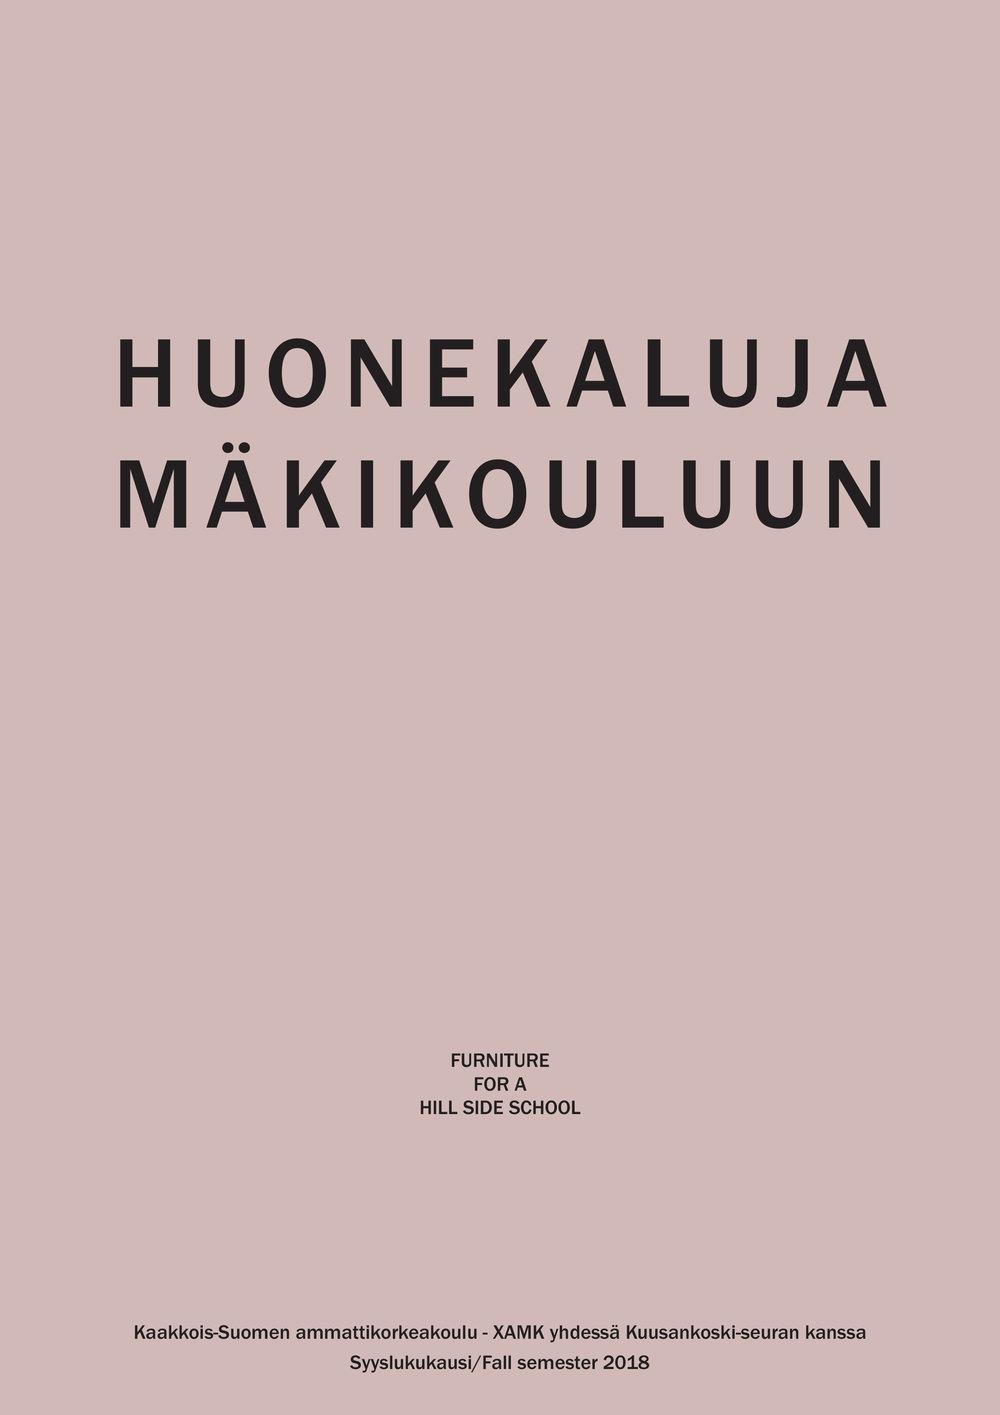 HuonekalujaMäkikouluun_kansi.jpg